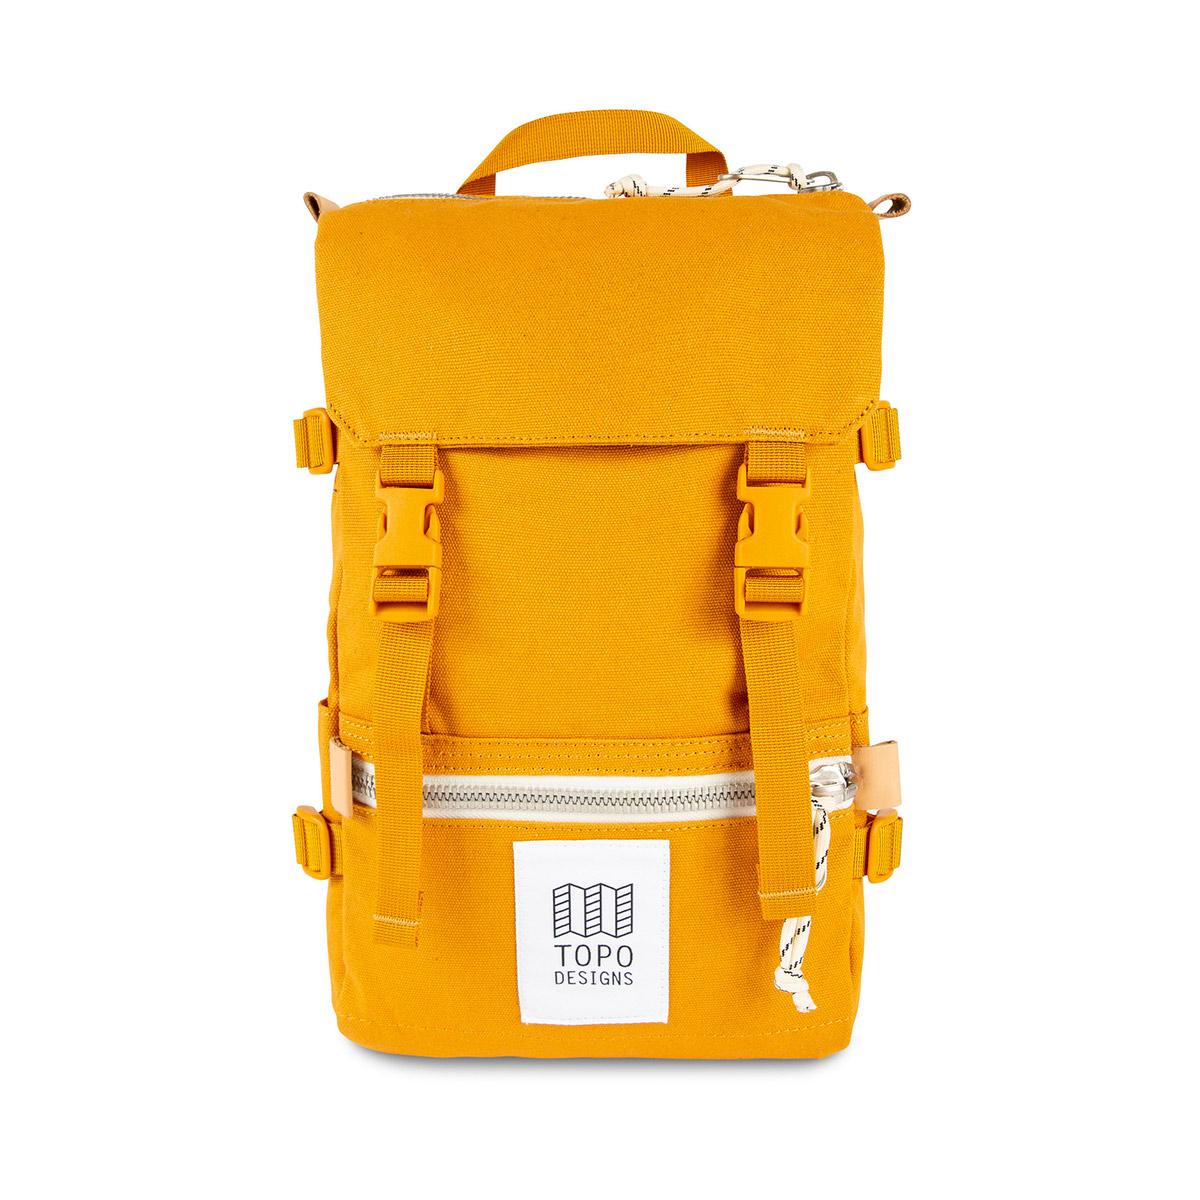 Topo Designs Rover Pack - Mini Canvas Mustard, statement-makende rugtas met de perfecte maat om boodschappen mee te doen of mee te nemen tijdens een wandeling